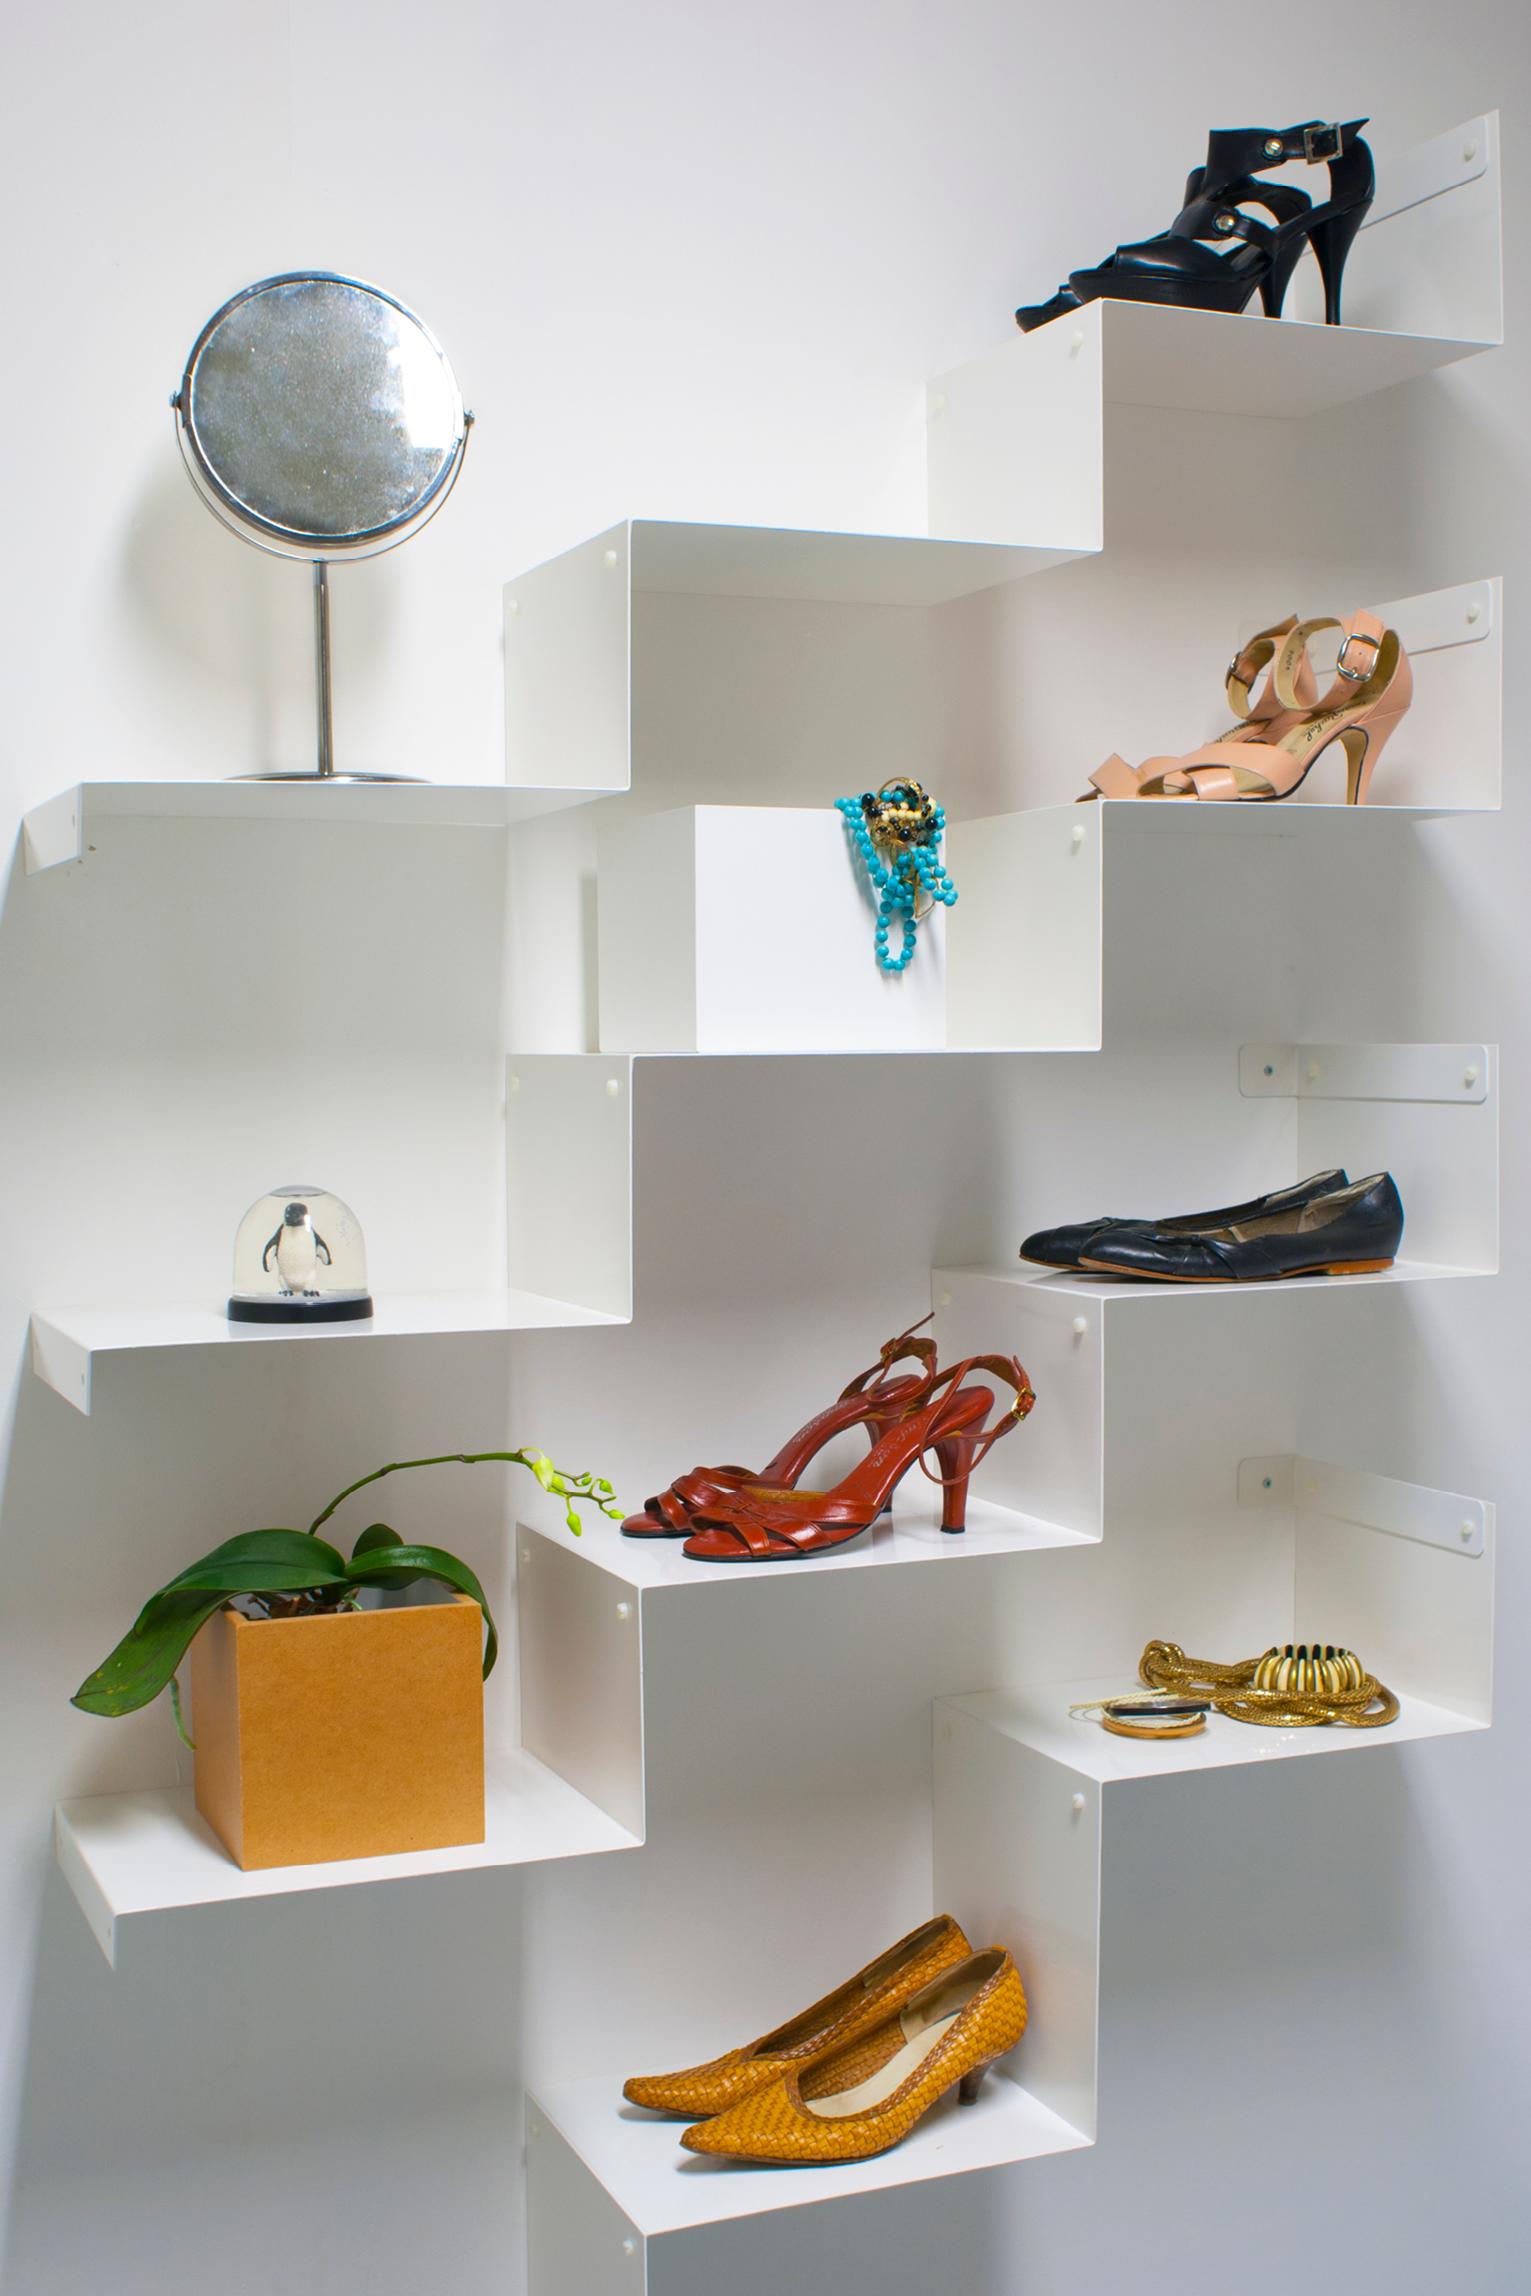 Pidä tavarat järjestyksessä tämän kauniin Cloud Steps -säilytysjärjestelmän avulla. Jokaisessa setissä on yhteensä 12 askelmaa jotka sopivat monipuolisiin säilytystarpeisiin. Laita hyllyyn esille suosikkiesineitäsi, kirjoja, elokuvia tai esimerkiksi kauneimmat kenkäparisi.